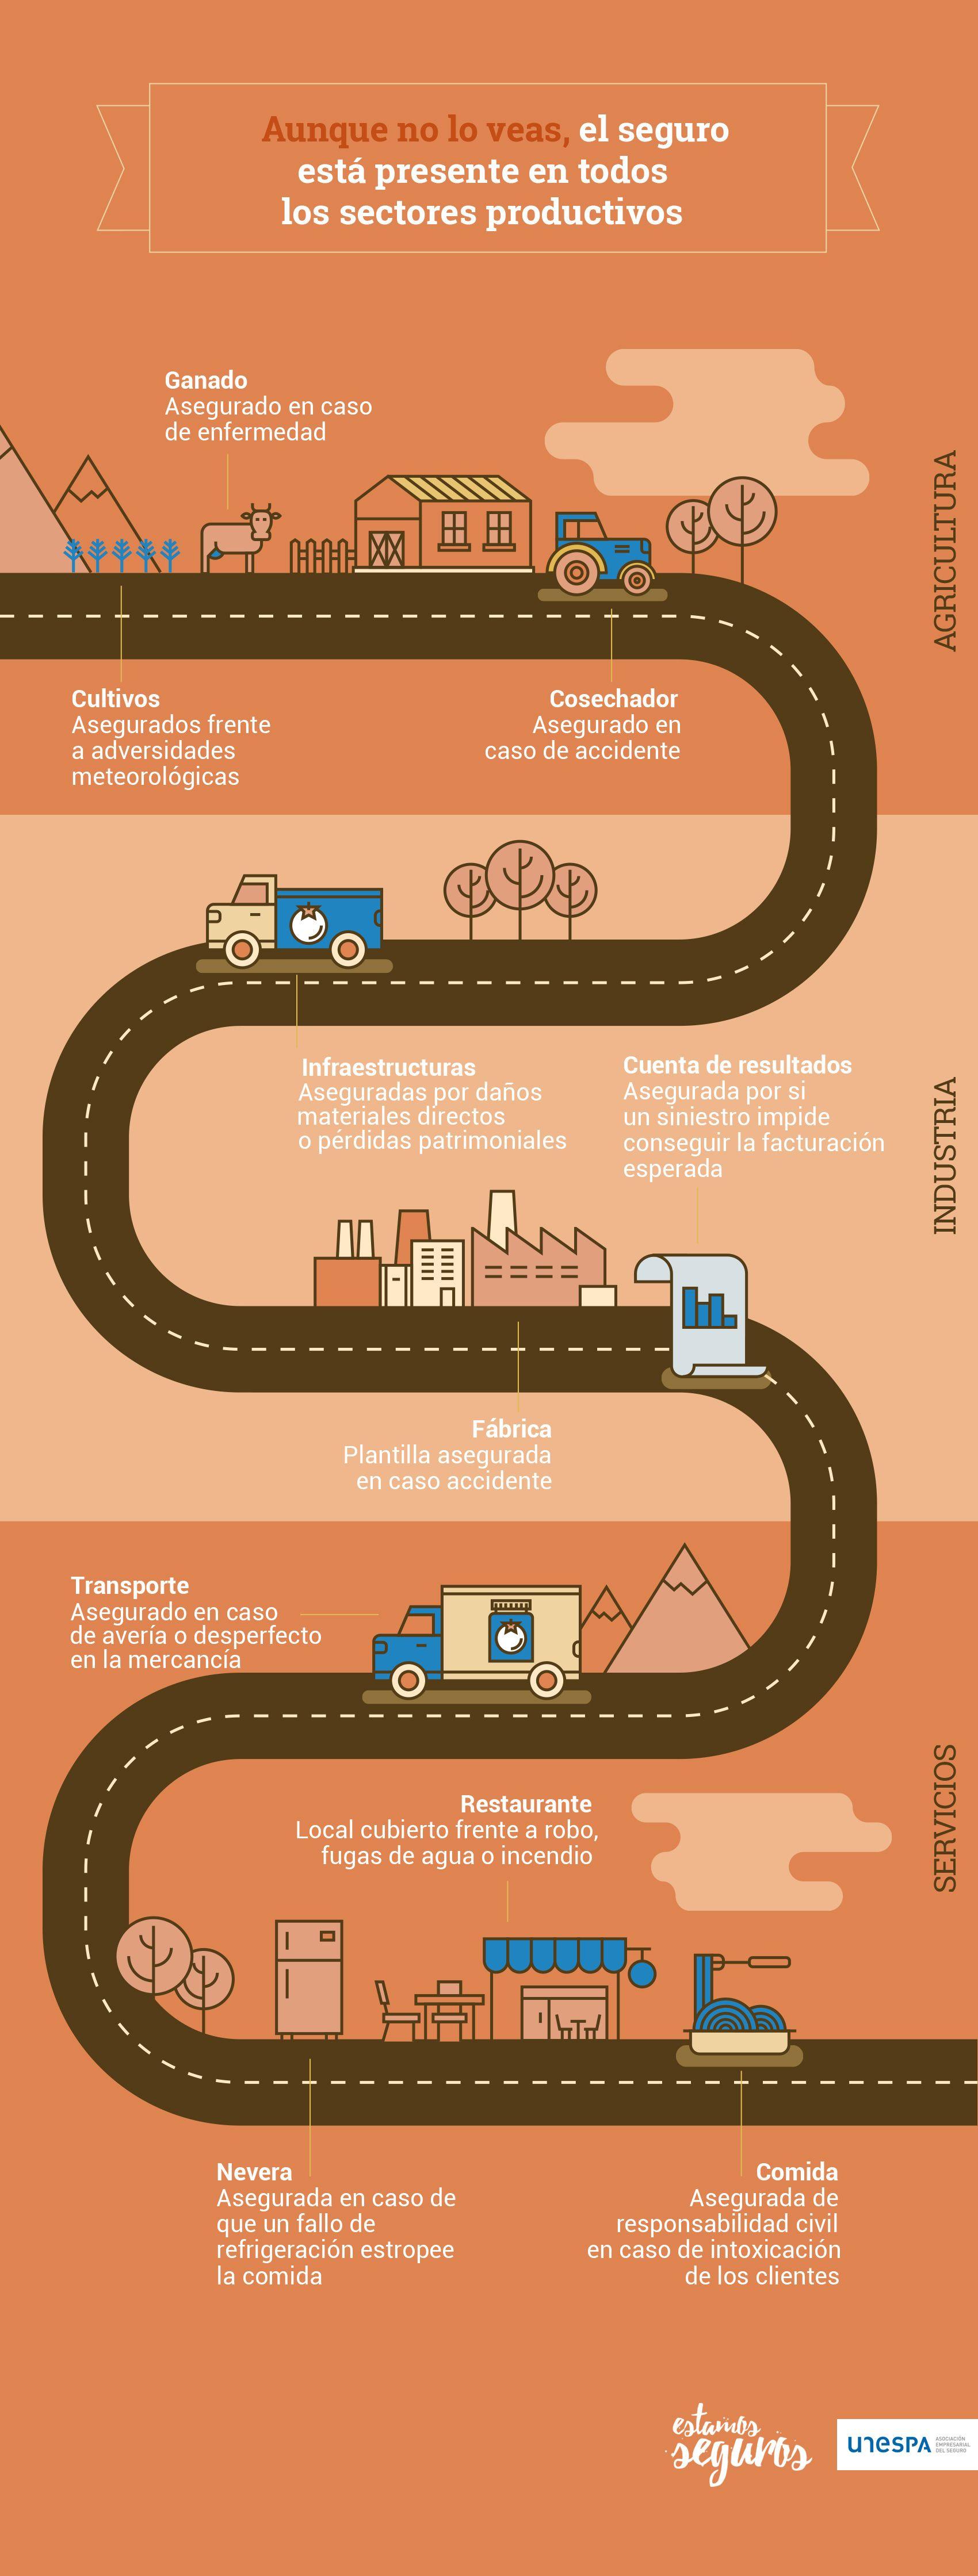 El seguro está presente en todos los sectores productivos: agricultura, industria, construcción y servicios.